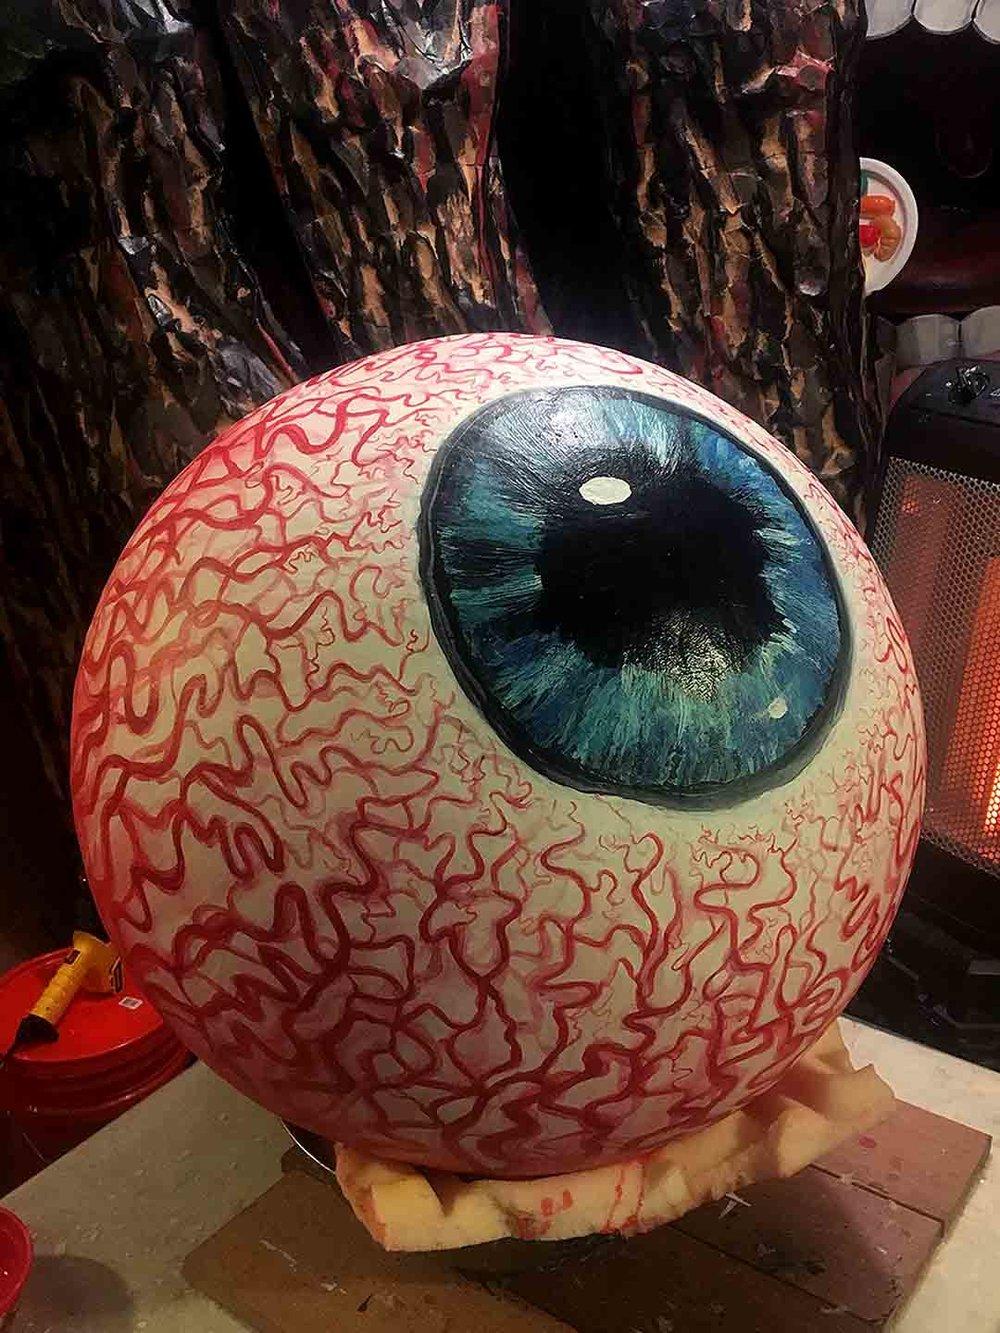 eye ball prop process20 web.jpg